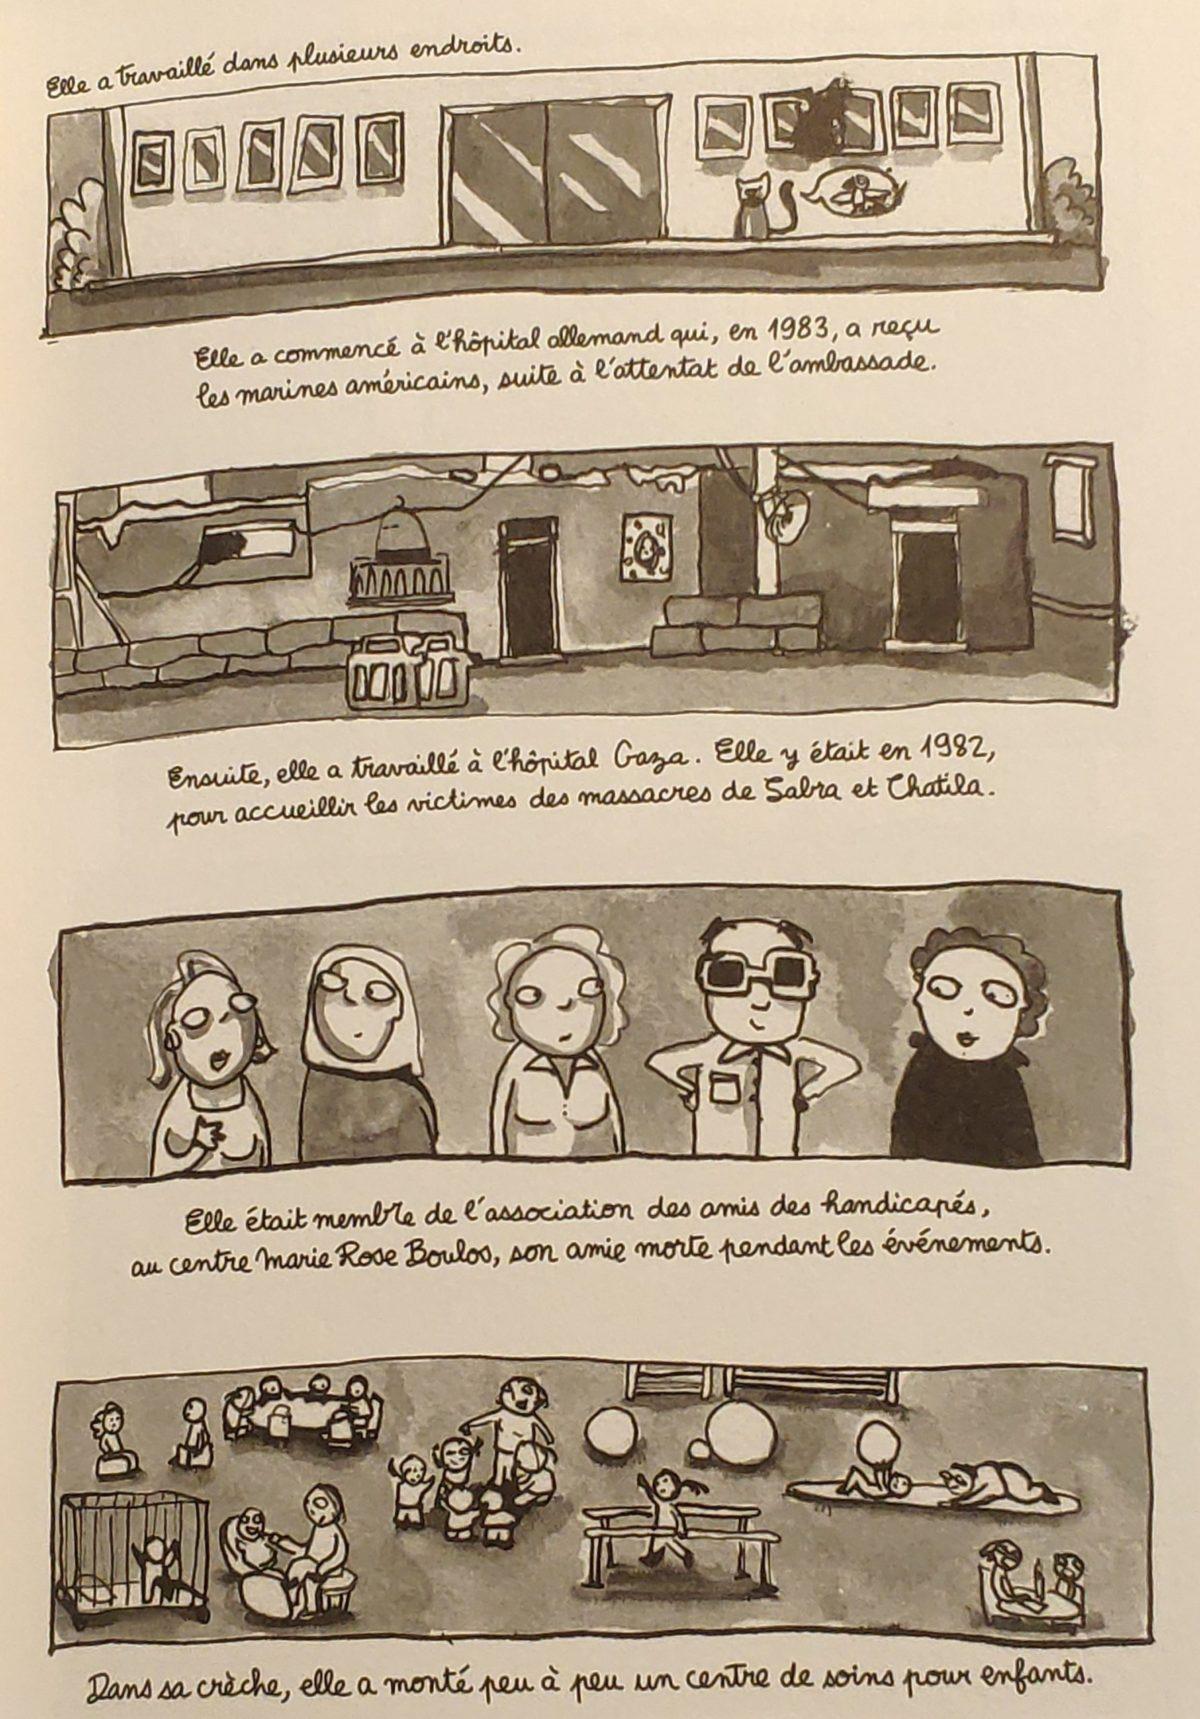 Mio caro fumetto… – Laban et confiture - Mamma Valli e il suo lavoro